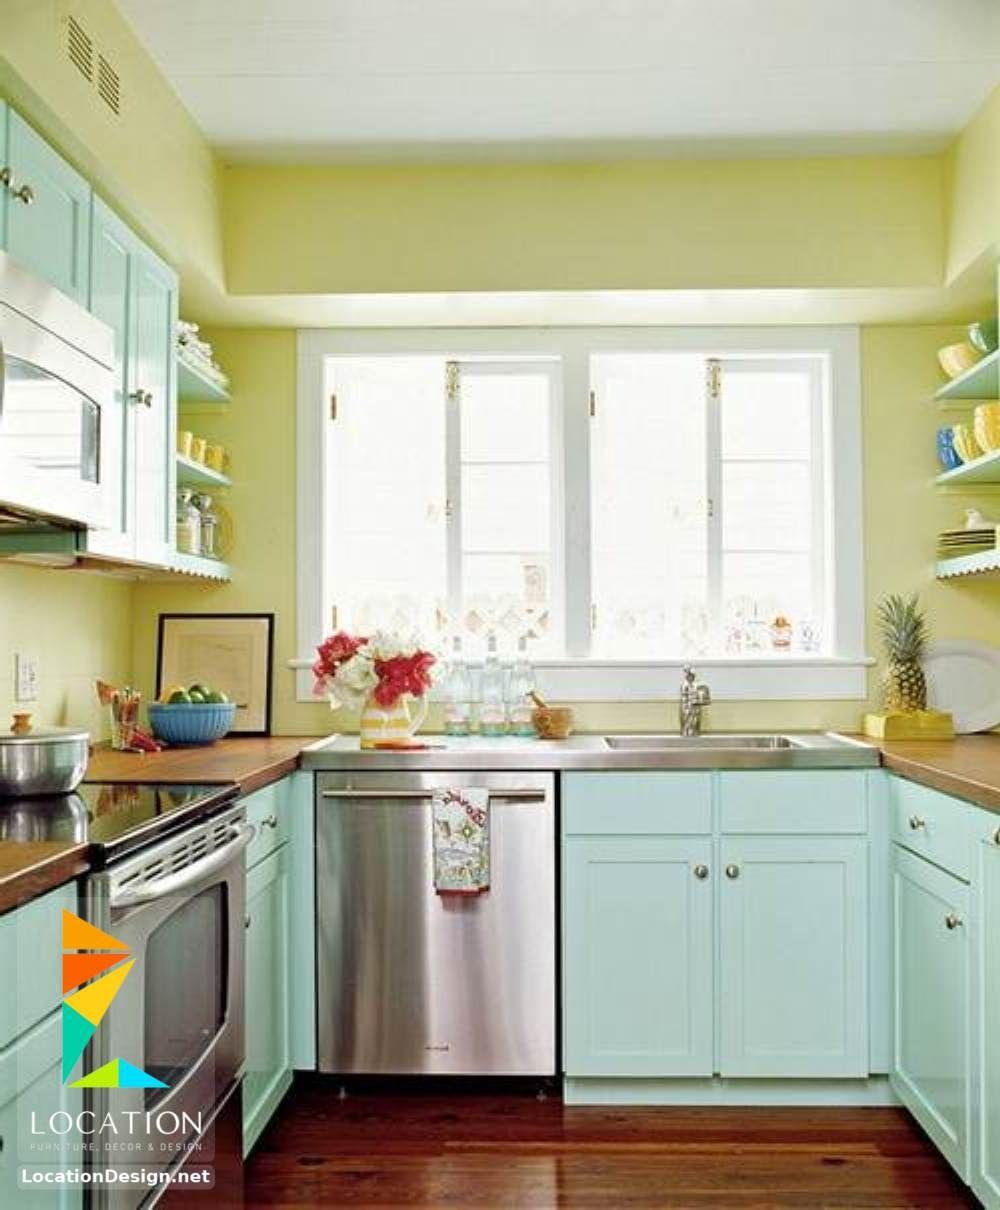 ديكورات مطابخ صغيرة 2017 2018 تجعل ديكور المطبخ اكثر اتساعا لوكشين ديزين نت Kitchen Design Small Small Kitchen Colors Small Apartment Kitchen